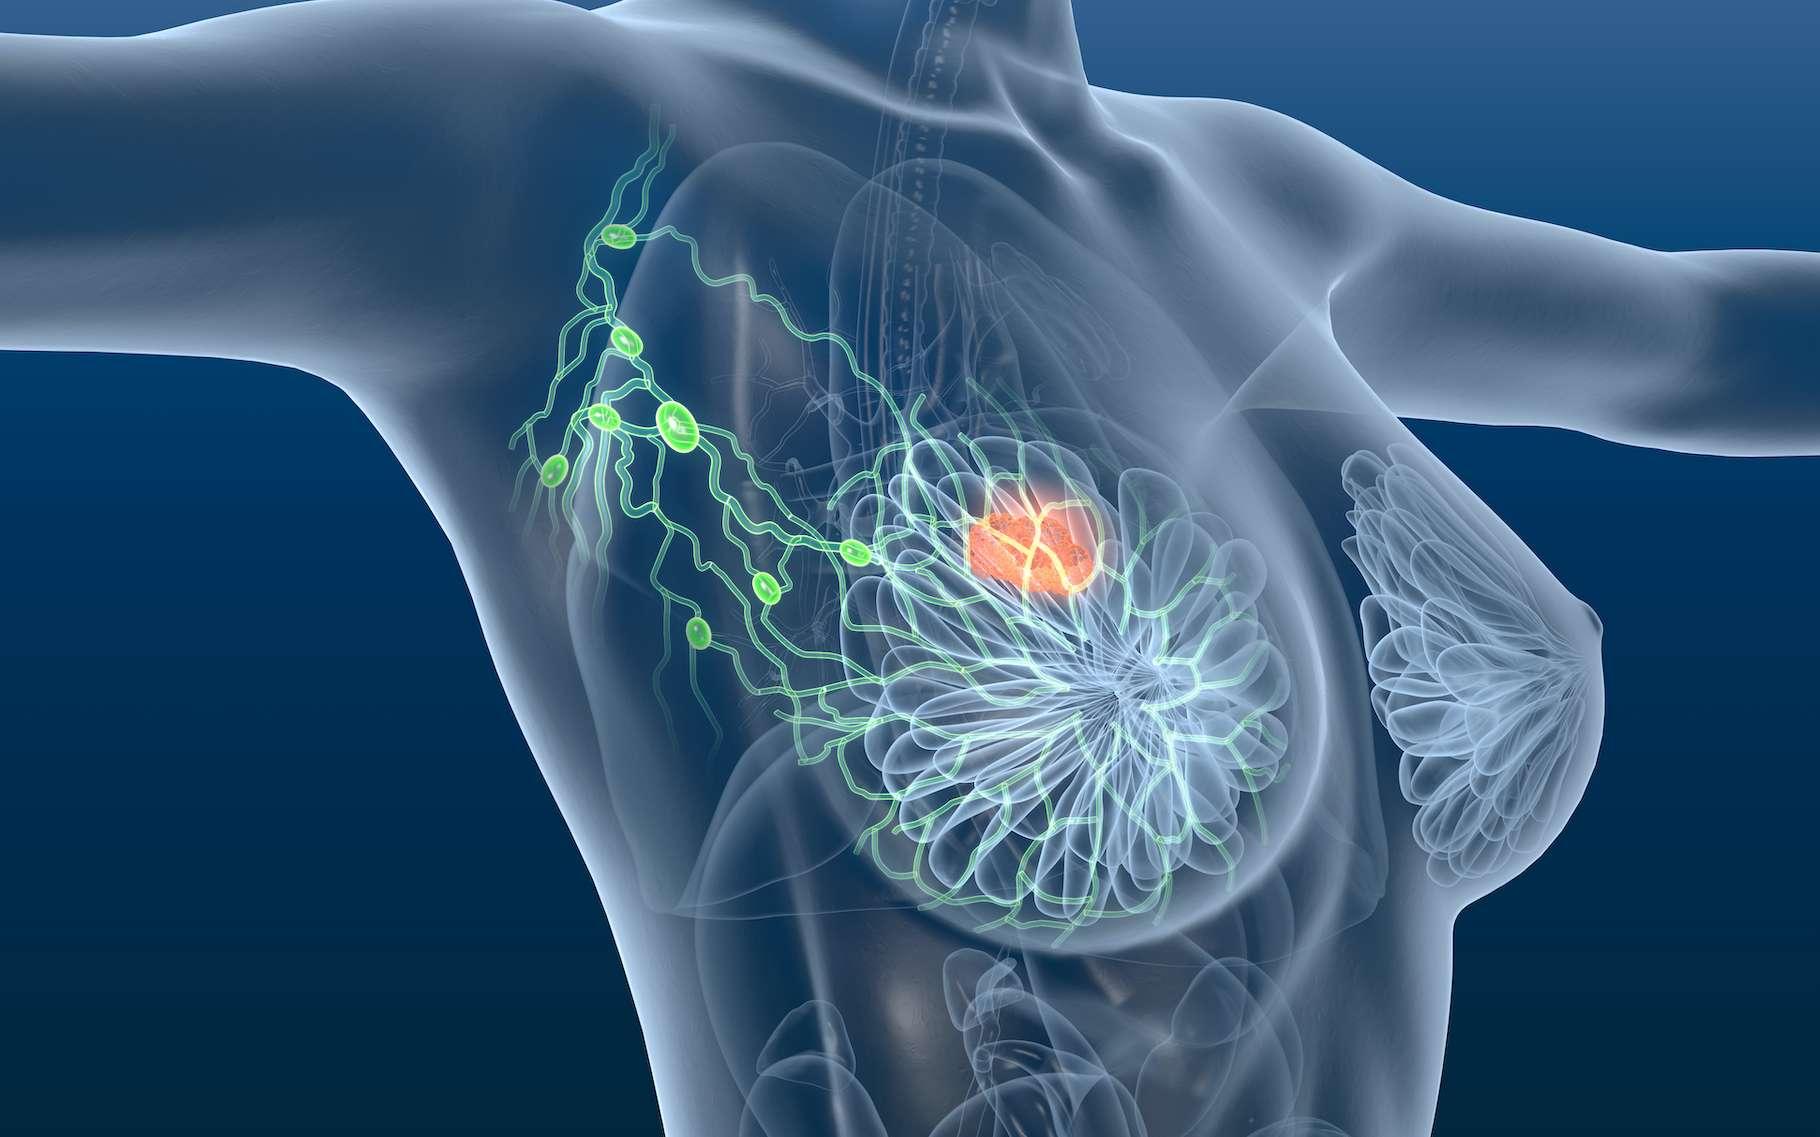 Le mois d'Octobre est consacré à la lutte contre le cancer du sein. © Axel Kock, Adobe Stock